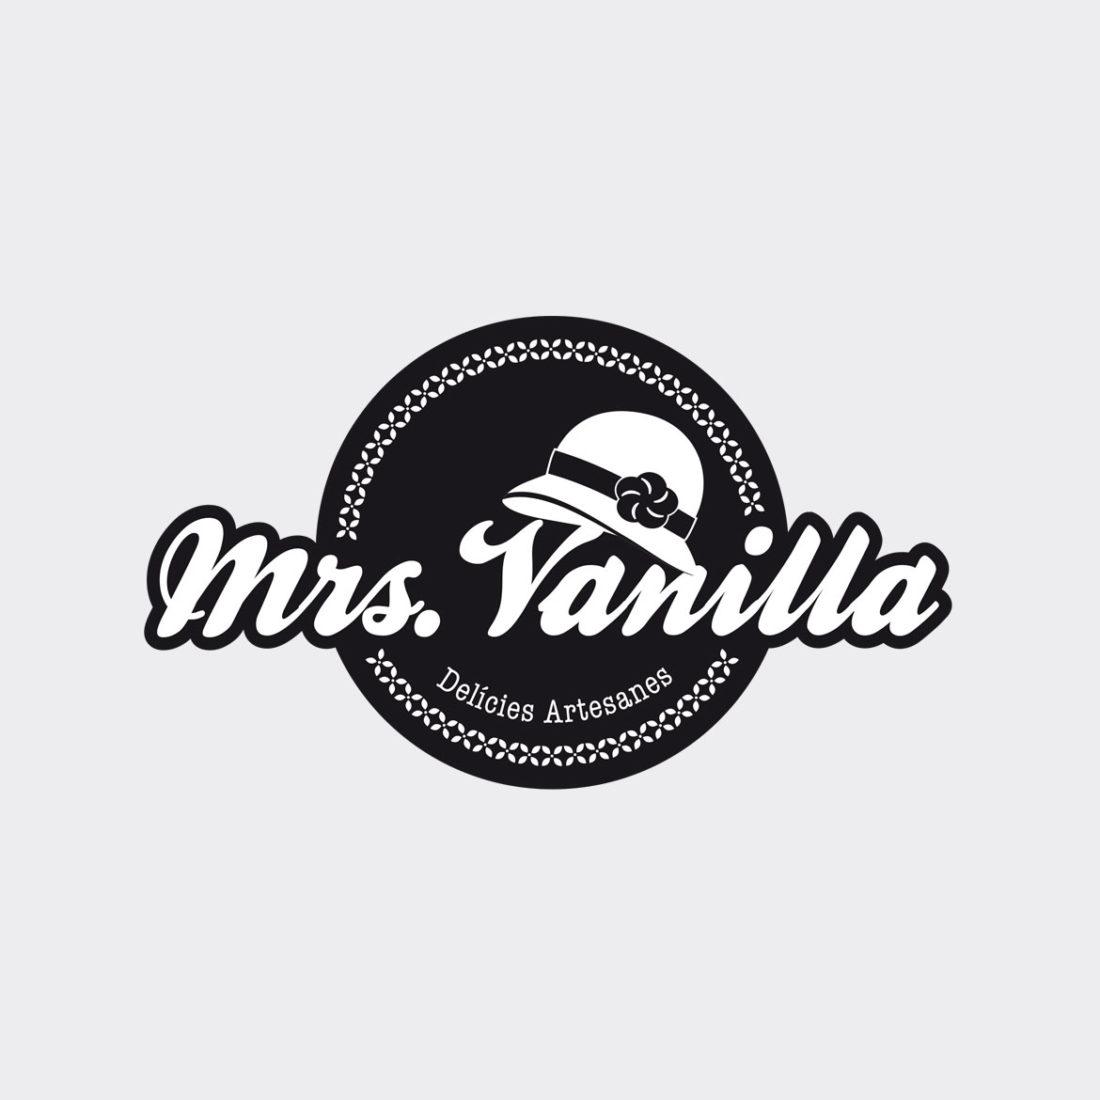 Mrs. Vanilla